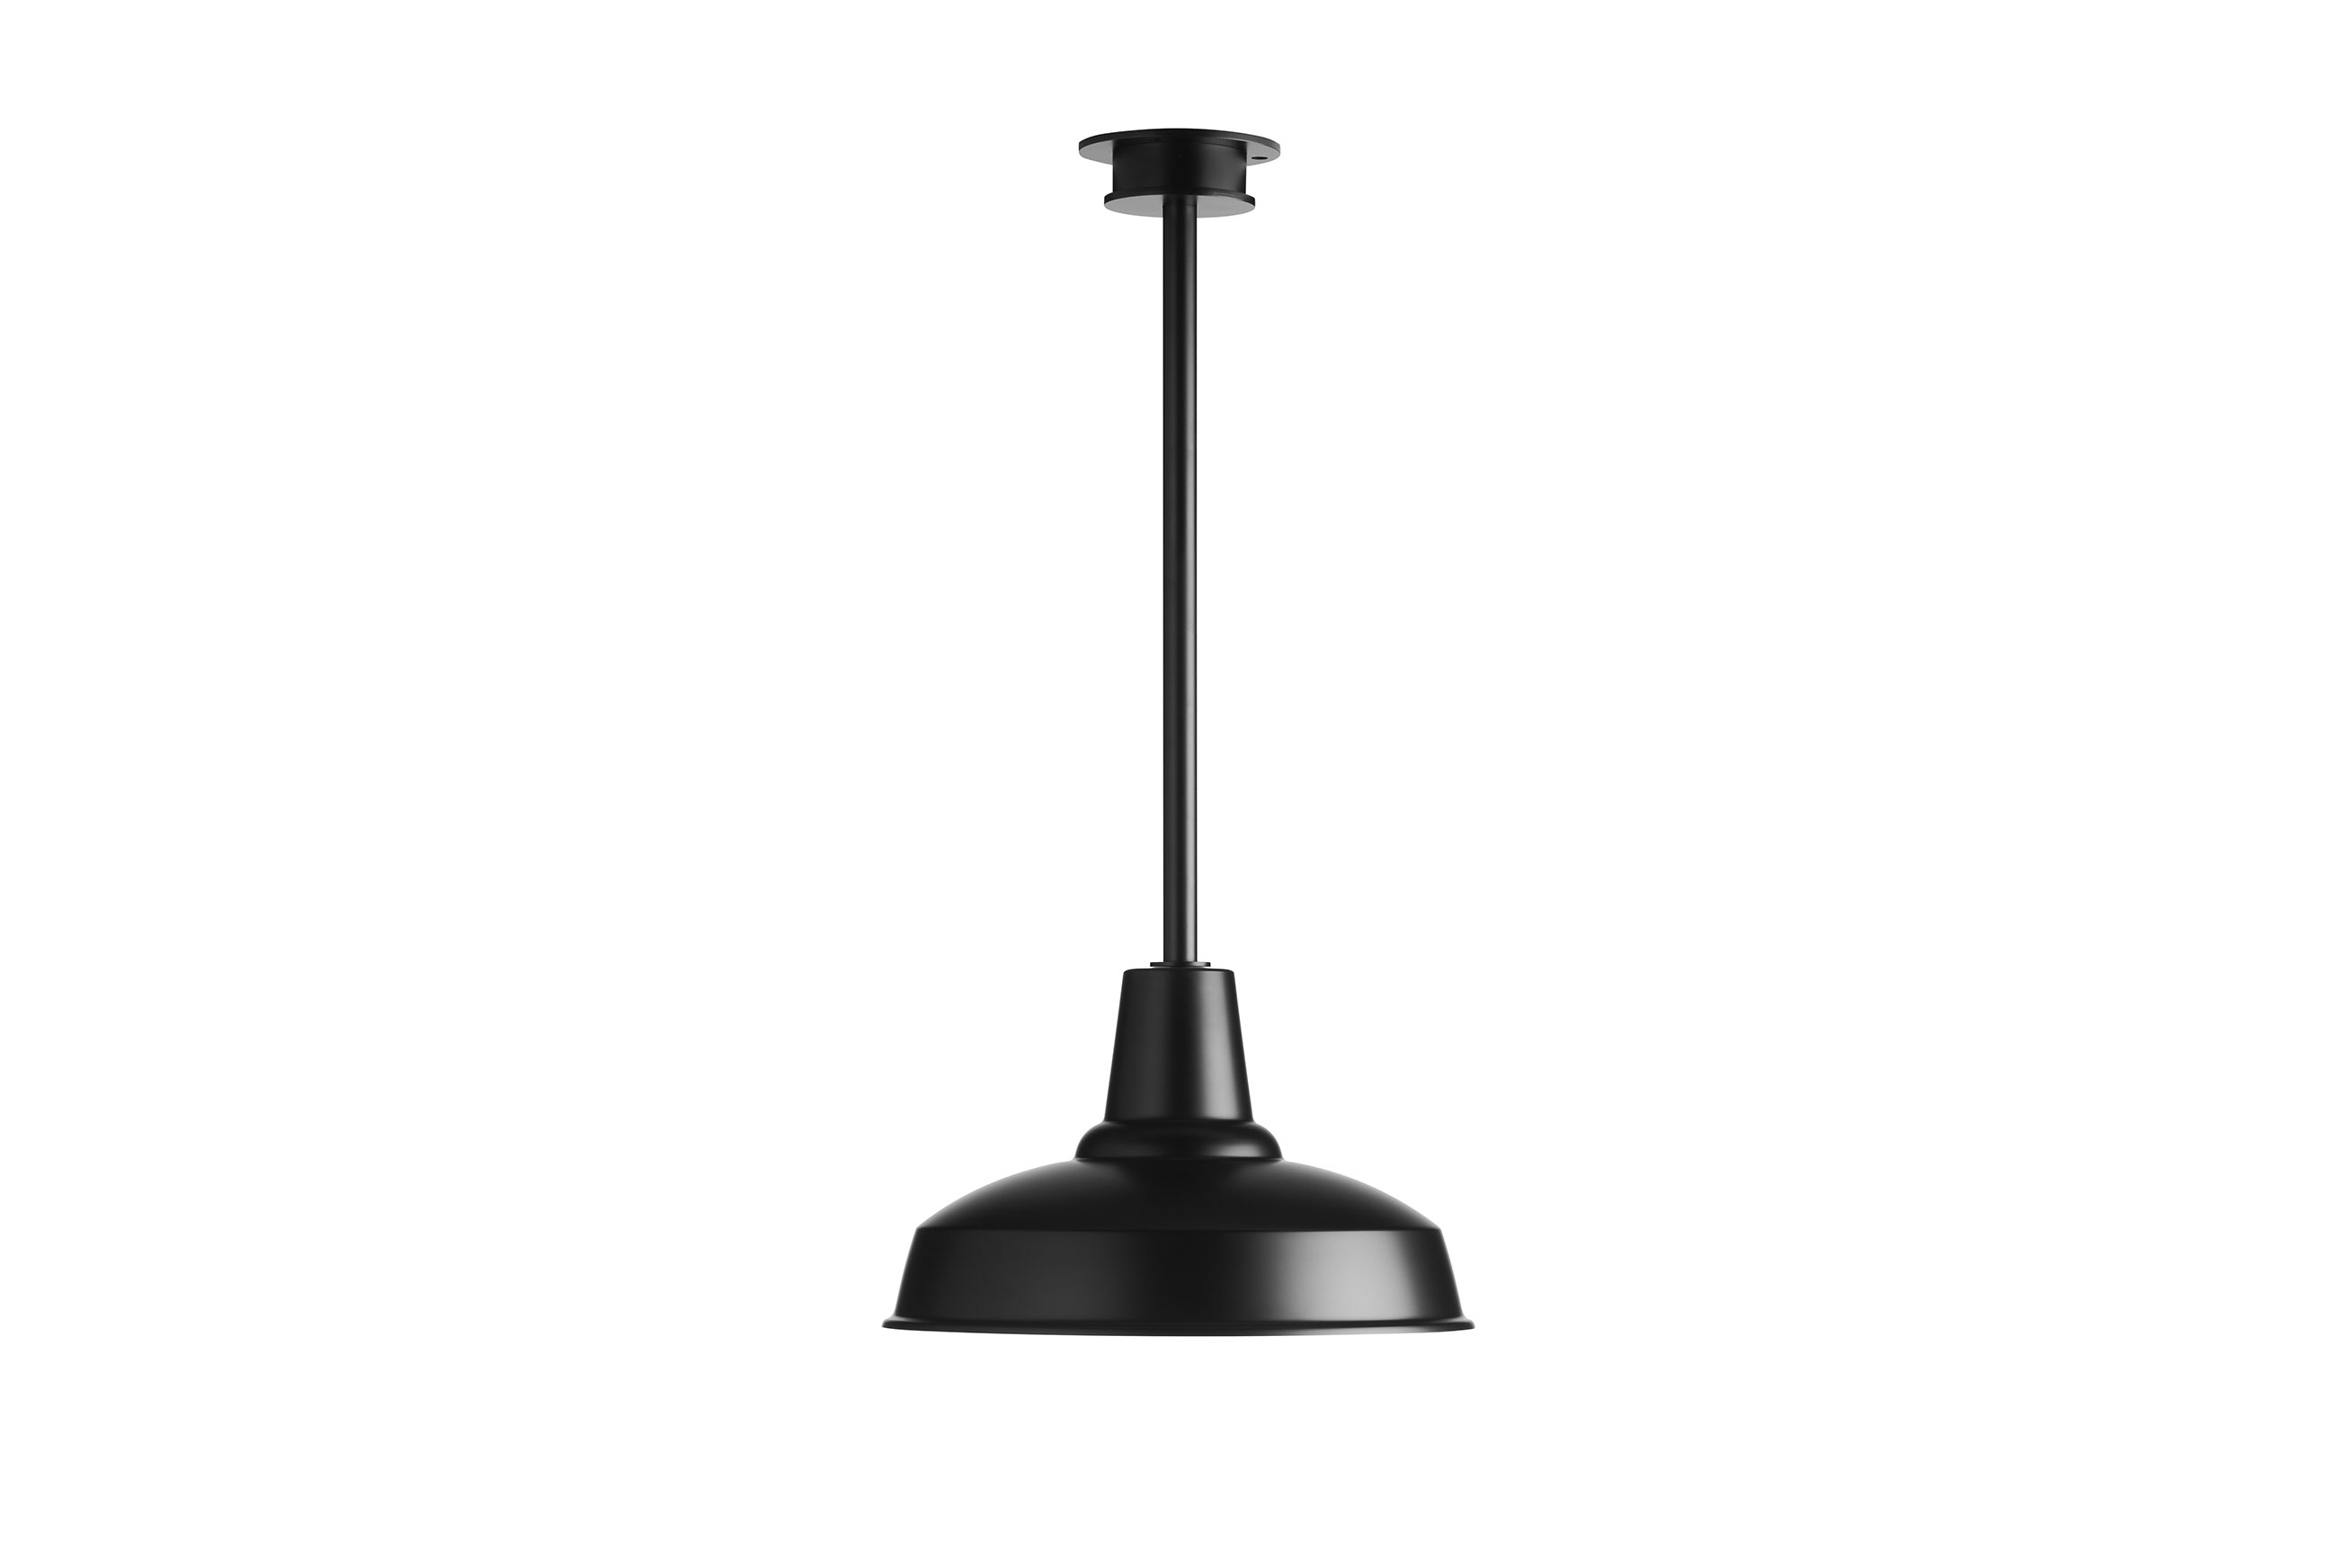 ELEANOR HOME灯具品牌工艺精致、灵感打造